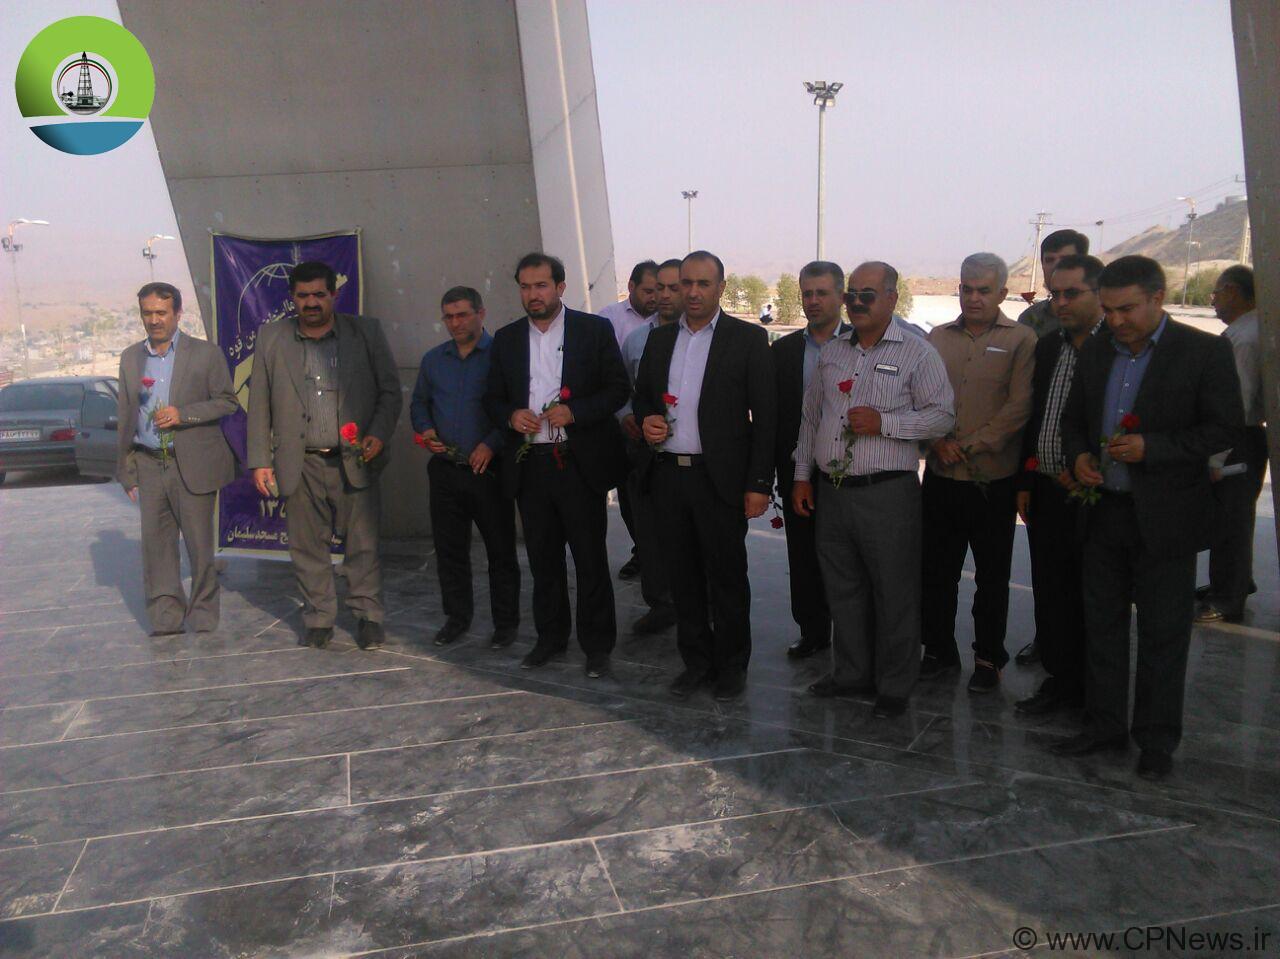 برگزاری مراسم غبارروبی مزار شهدای مسجدسلیمان